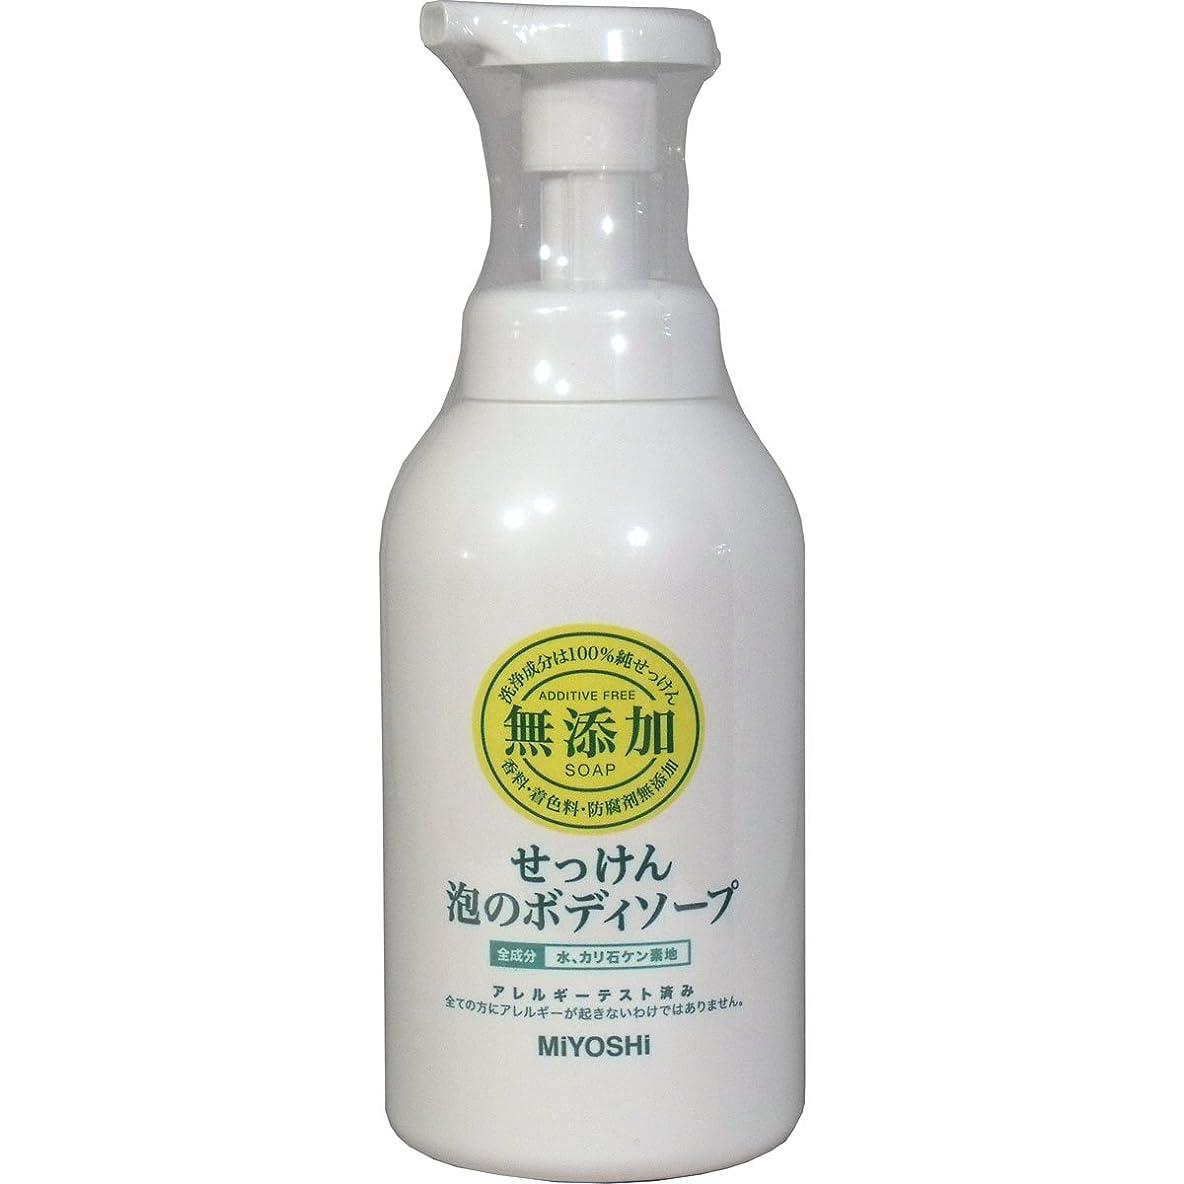 ハブブ石油指【まとめ買い】ミヨシ 無添加 せっけん泡のボディソープ ポンプ 500ml ×2セット